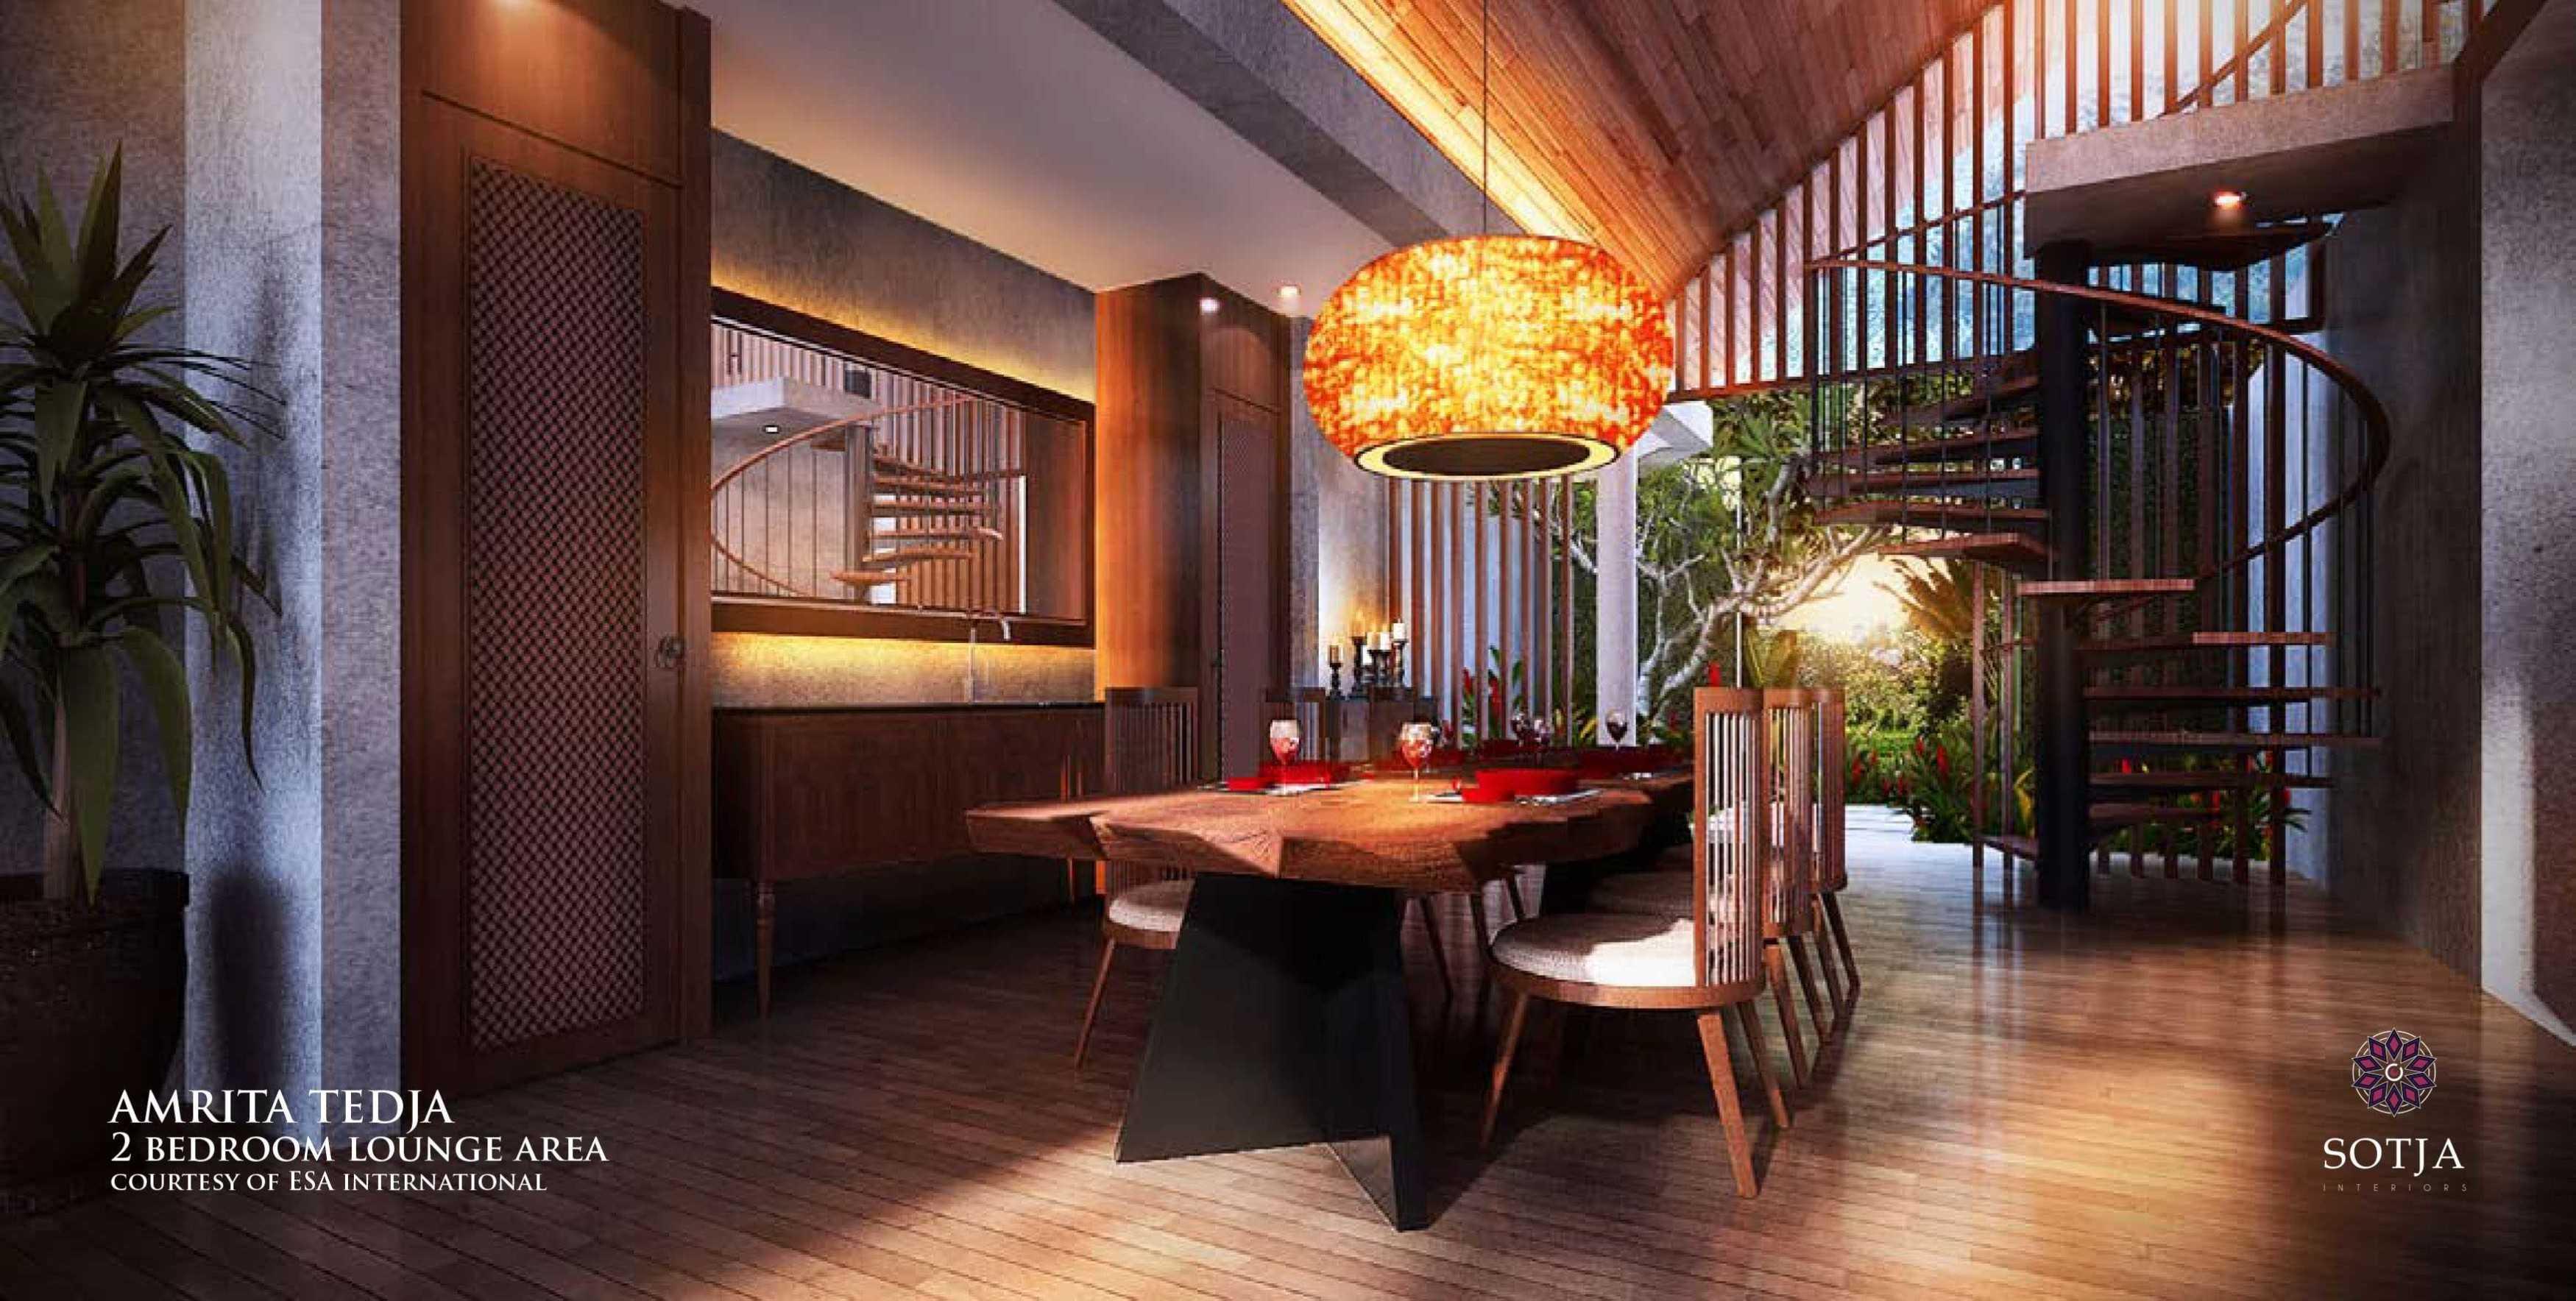 Sotja Interiors Amrita Tedja At Ubud Bali, Indonesia Bali, Indonesia 2 Bedroom Lounge Area   8722